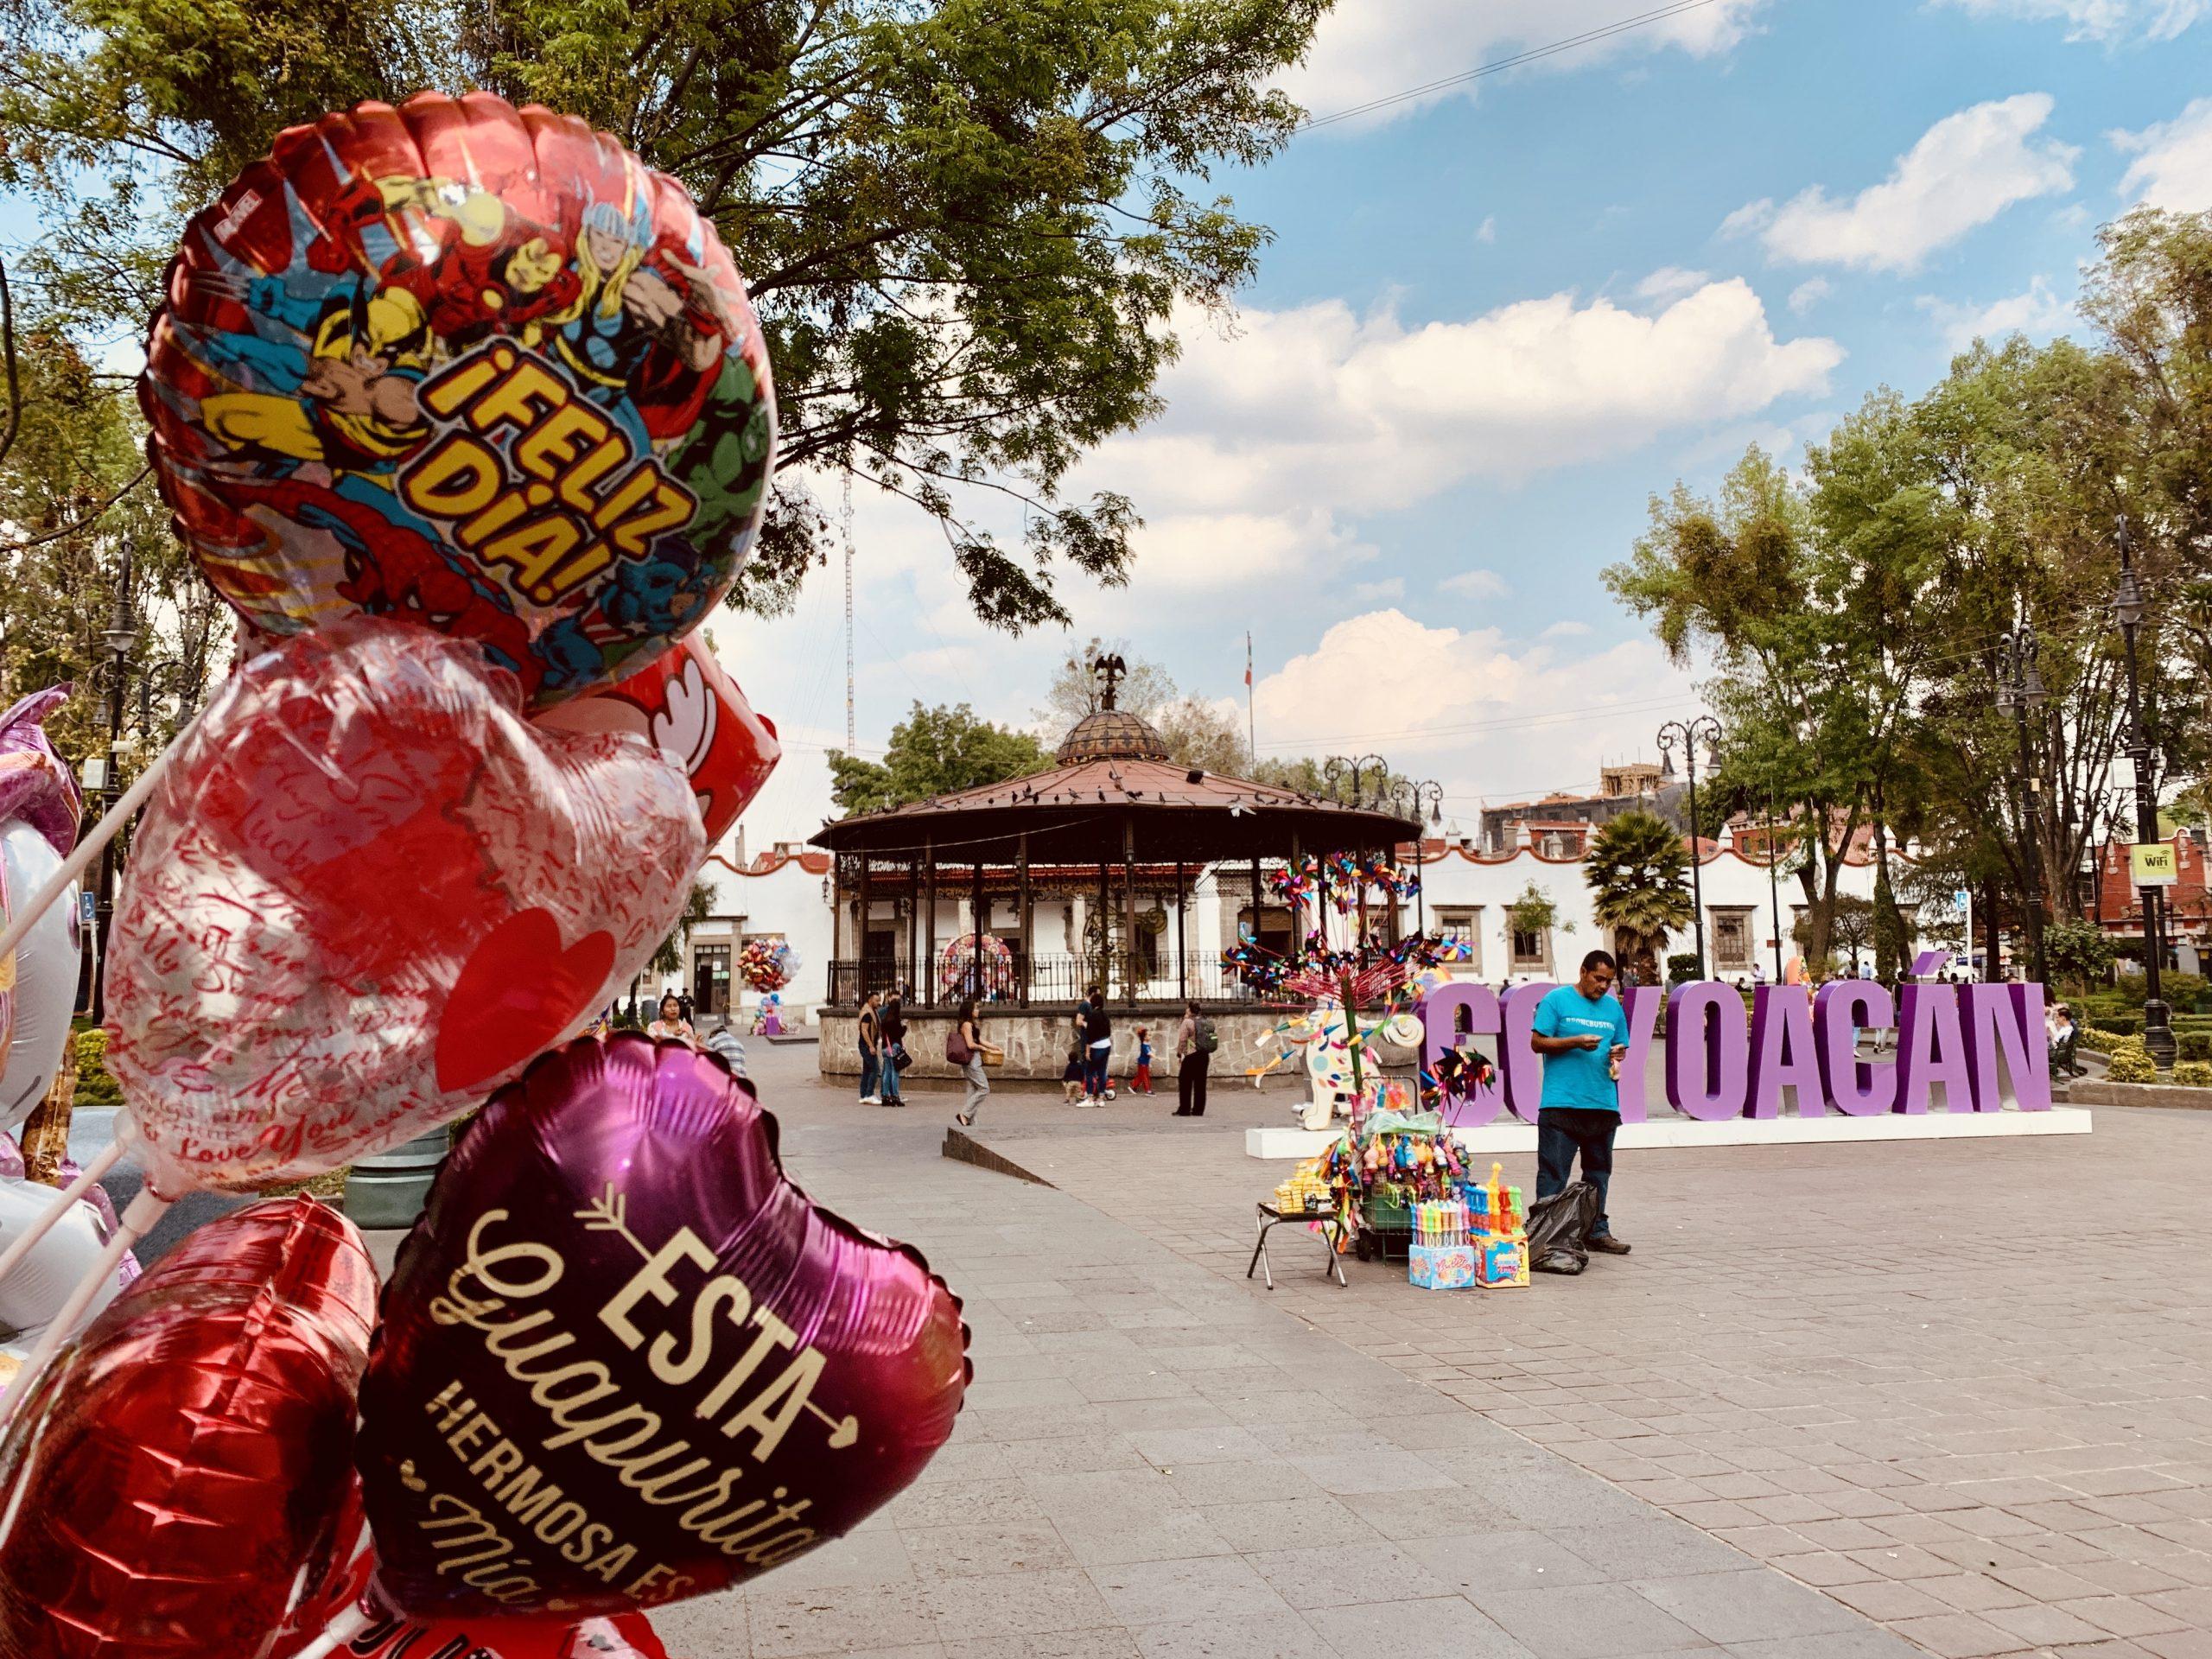 Regulaciones al plástico 'desinflan' negocio de globos por Día de San Valentín